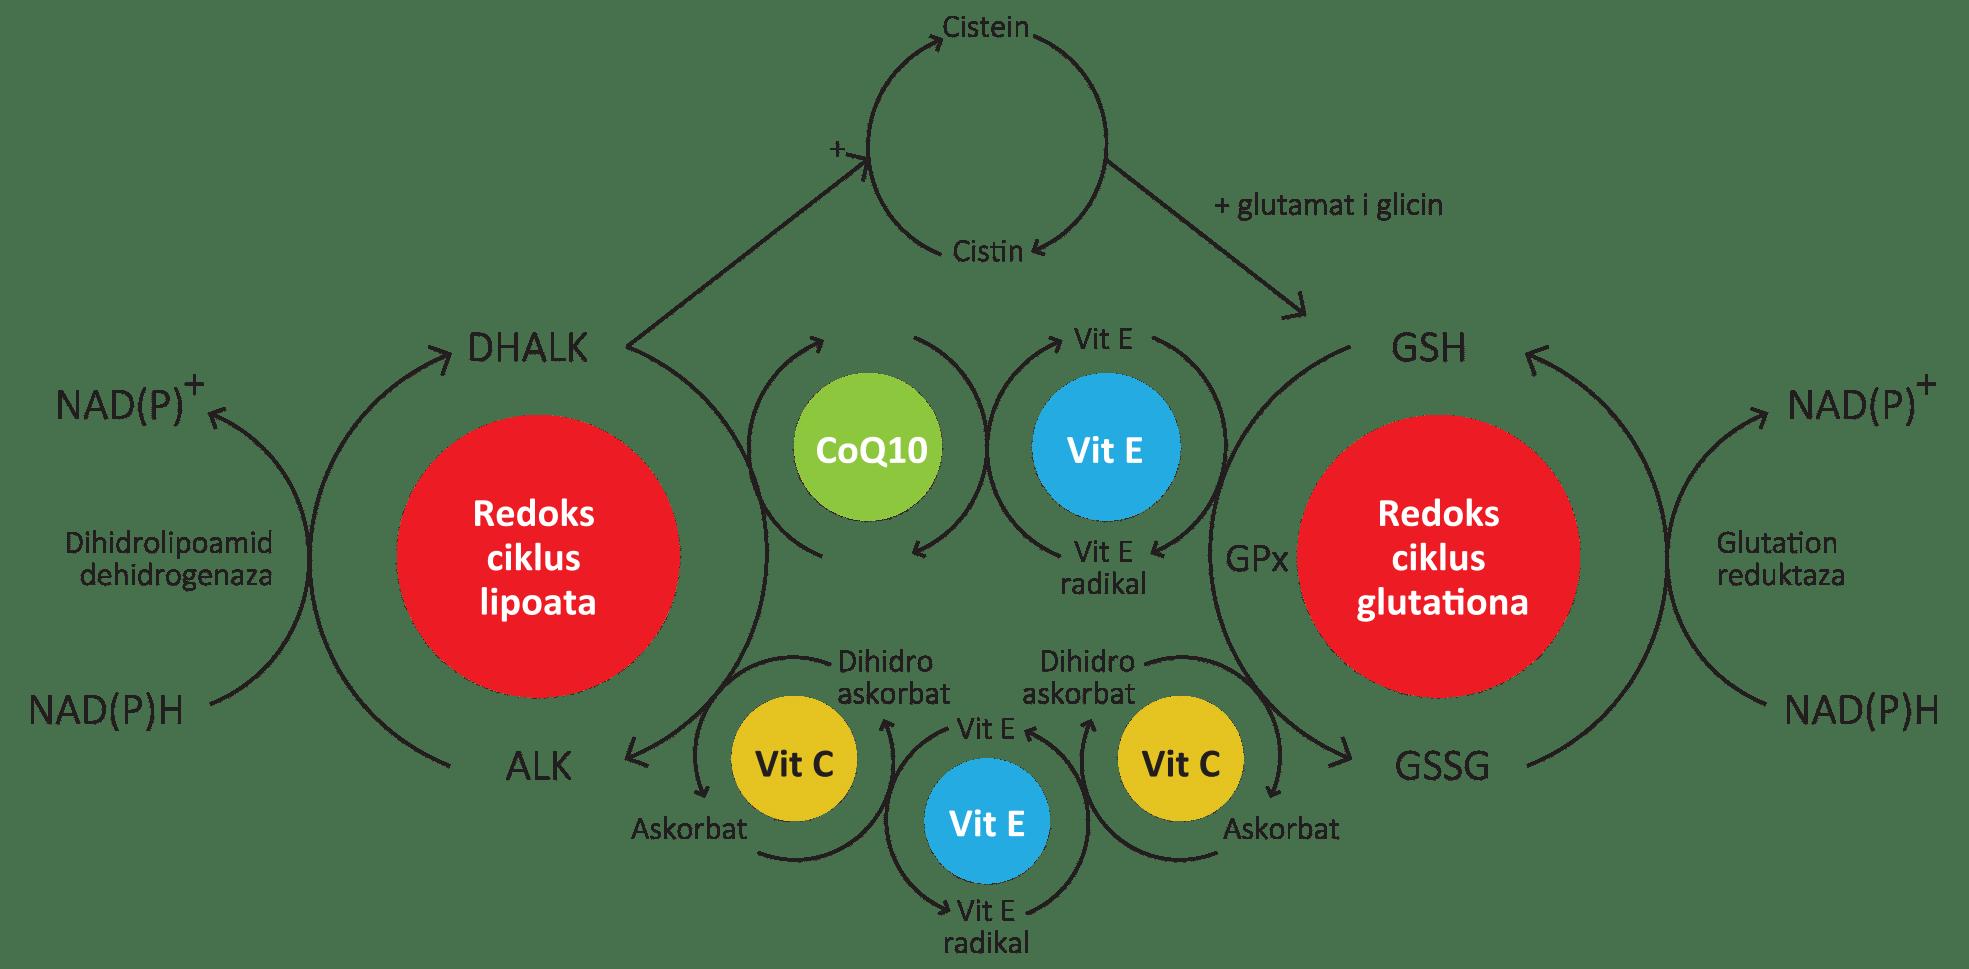 Redoks ciklus lipoata - Redoks ciklus glutationa